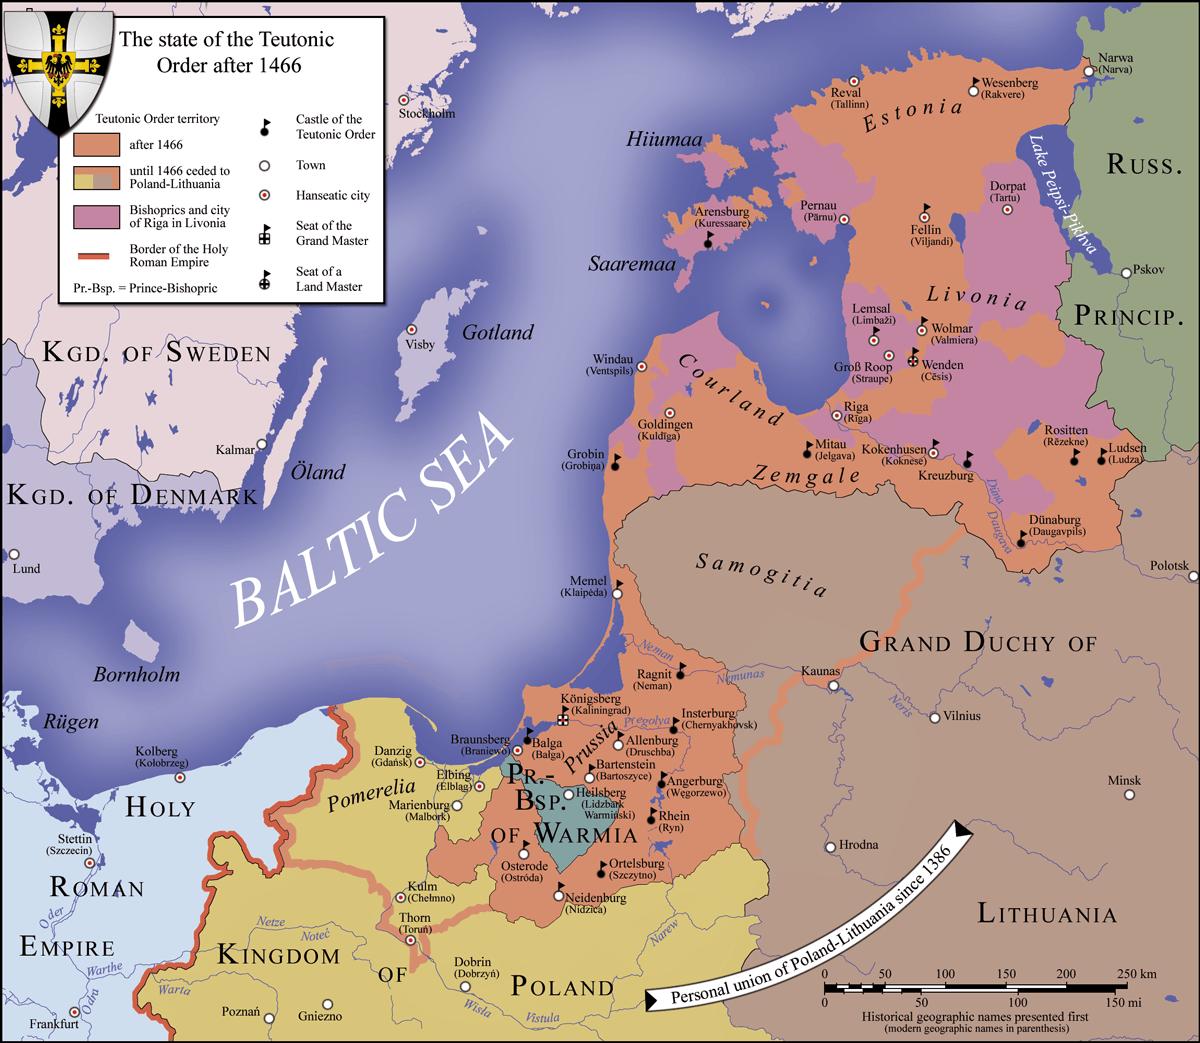 Państwo zakonu krzyżackiego w1466 roku